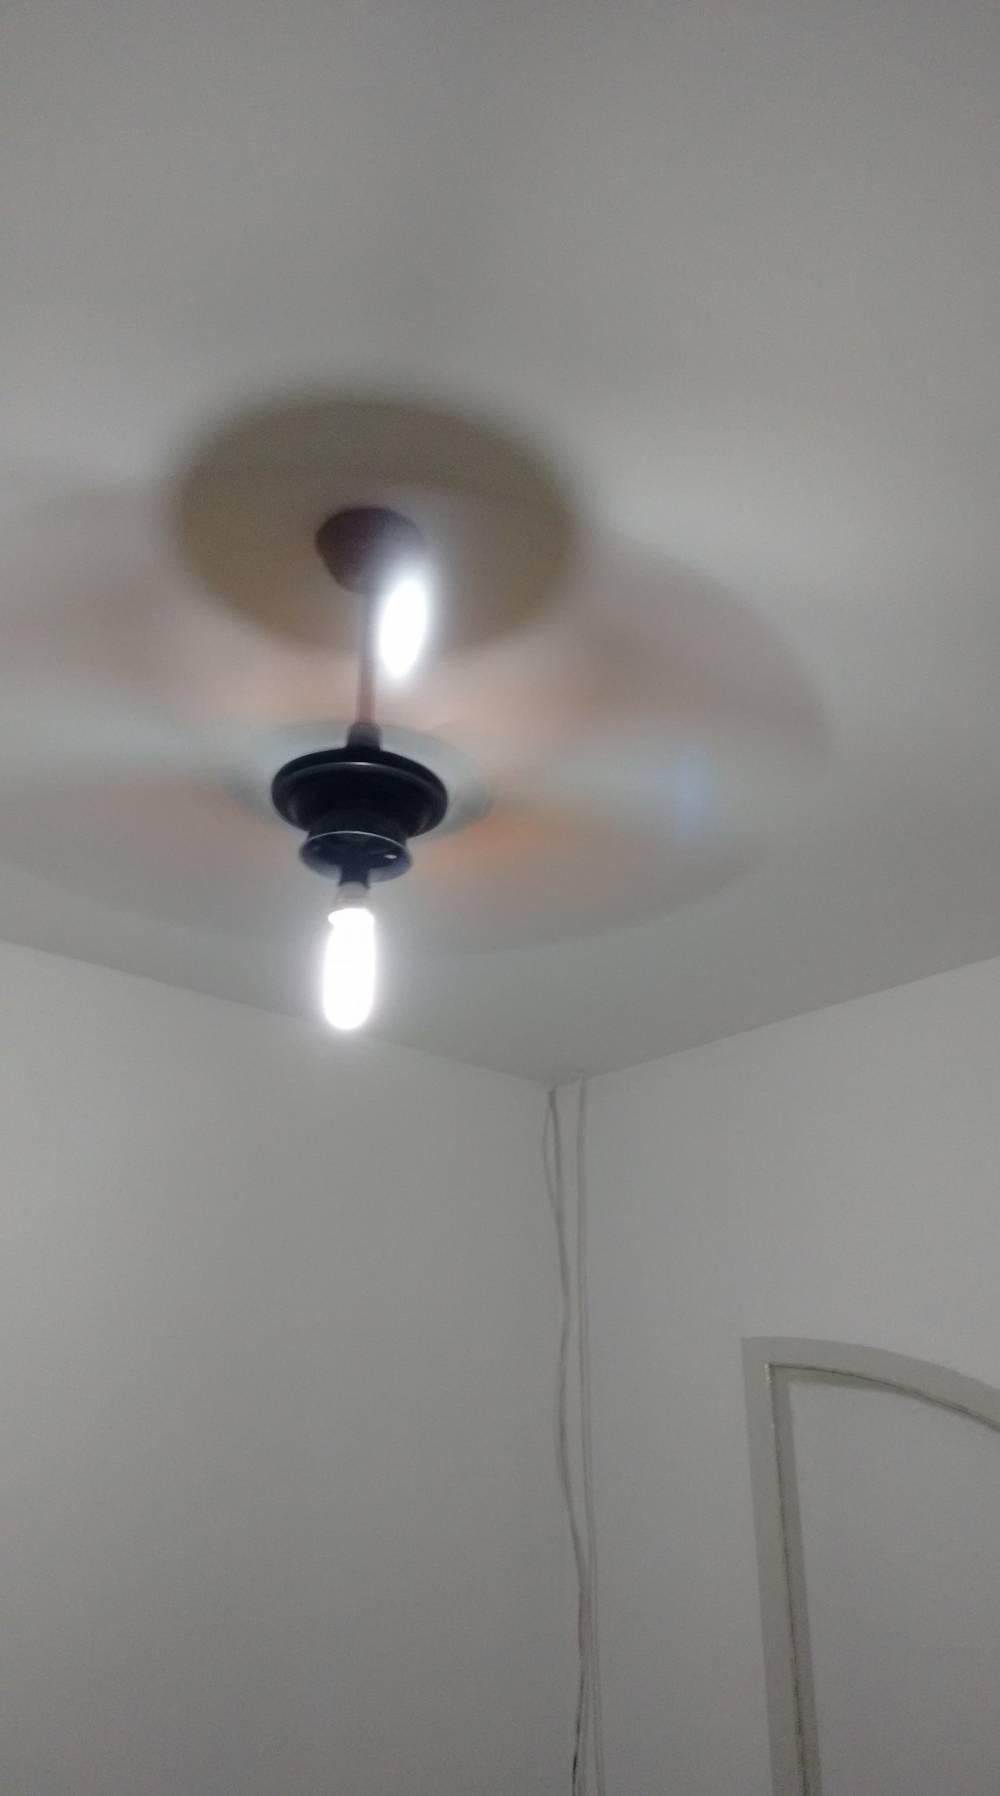 Reparo em Residências Quanto Custa na Vila Carioca - Reparos Residenciais no ABC